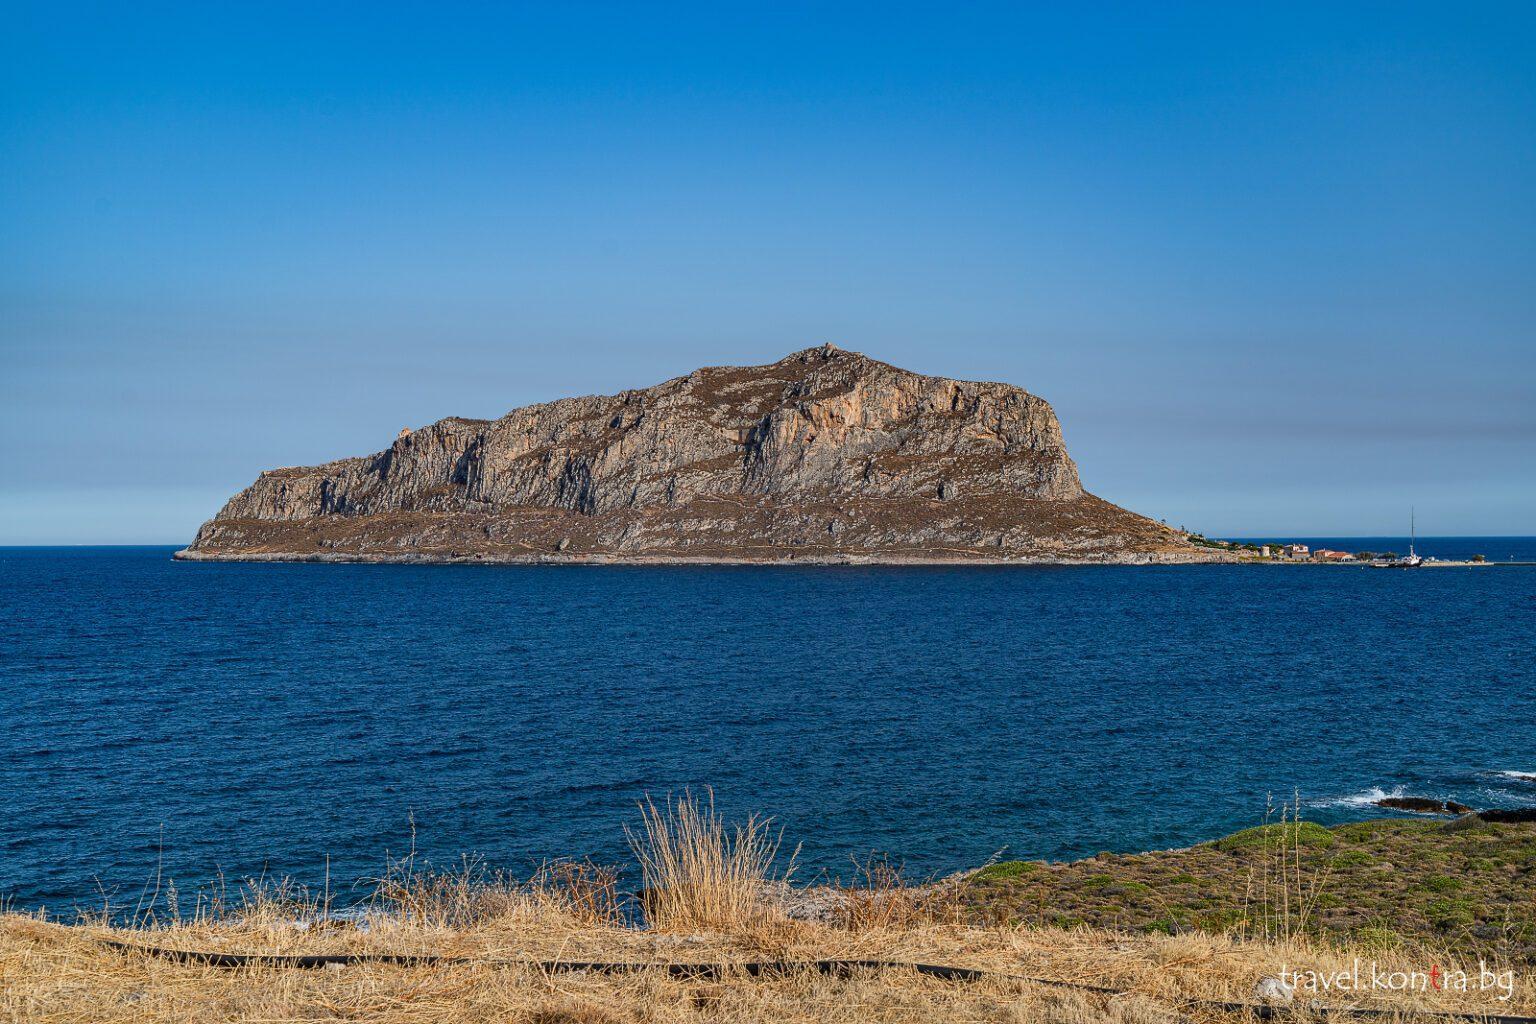 Monemvasia island from a parking spot near Gefira, Greece